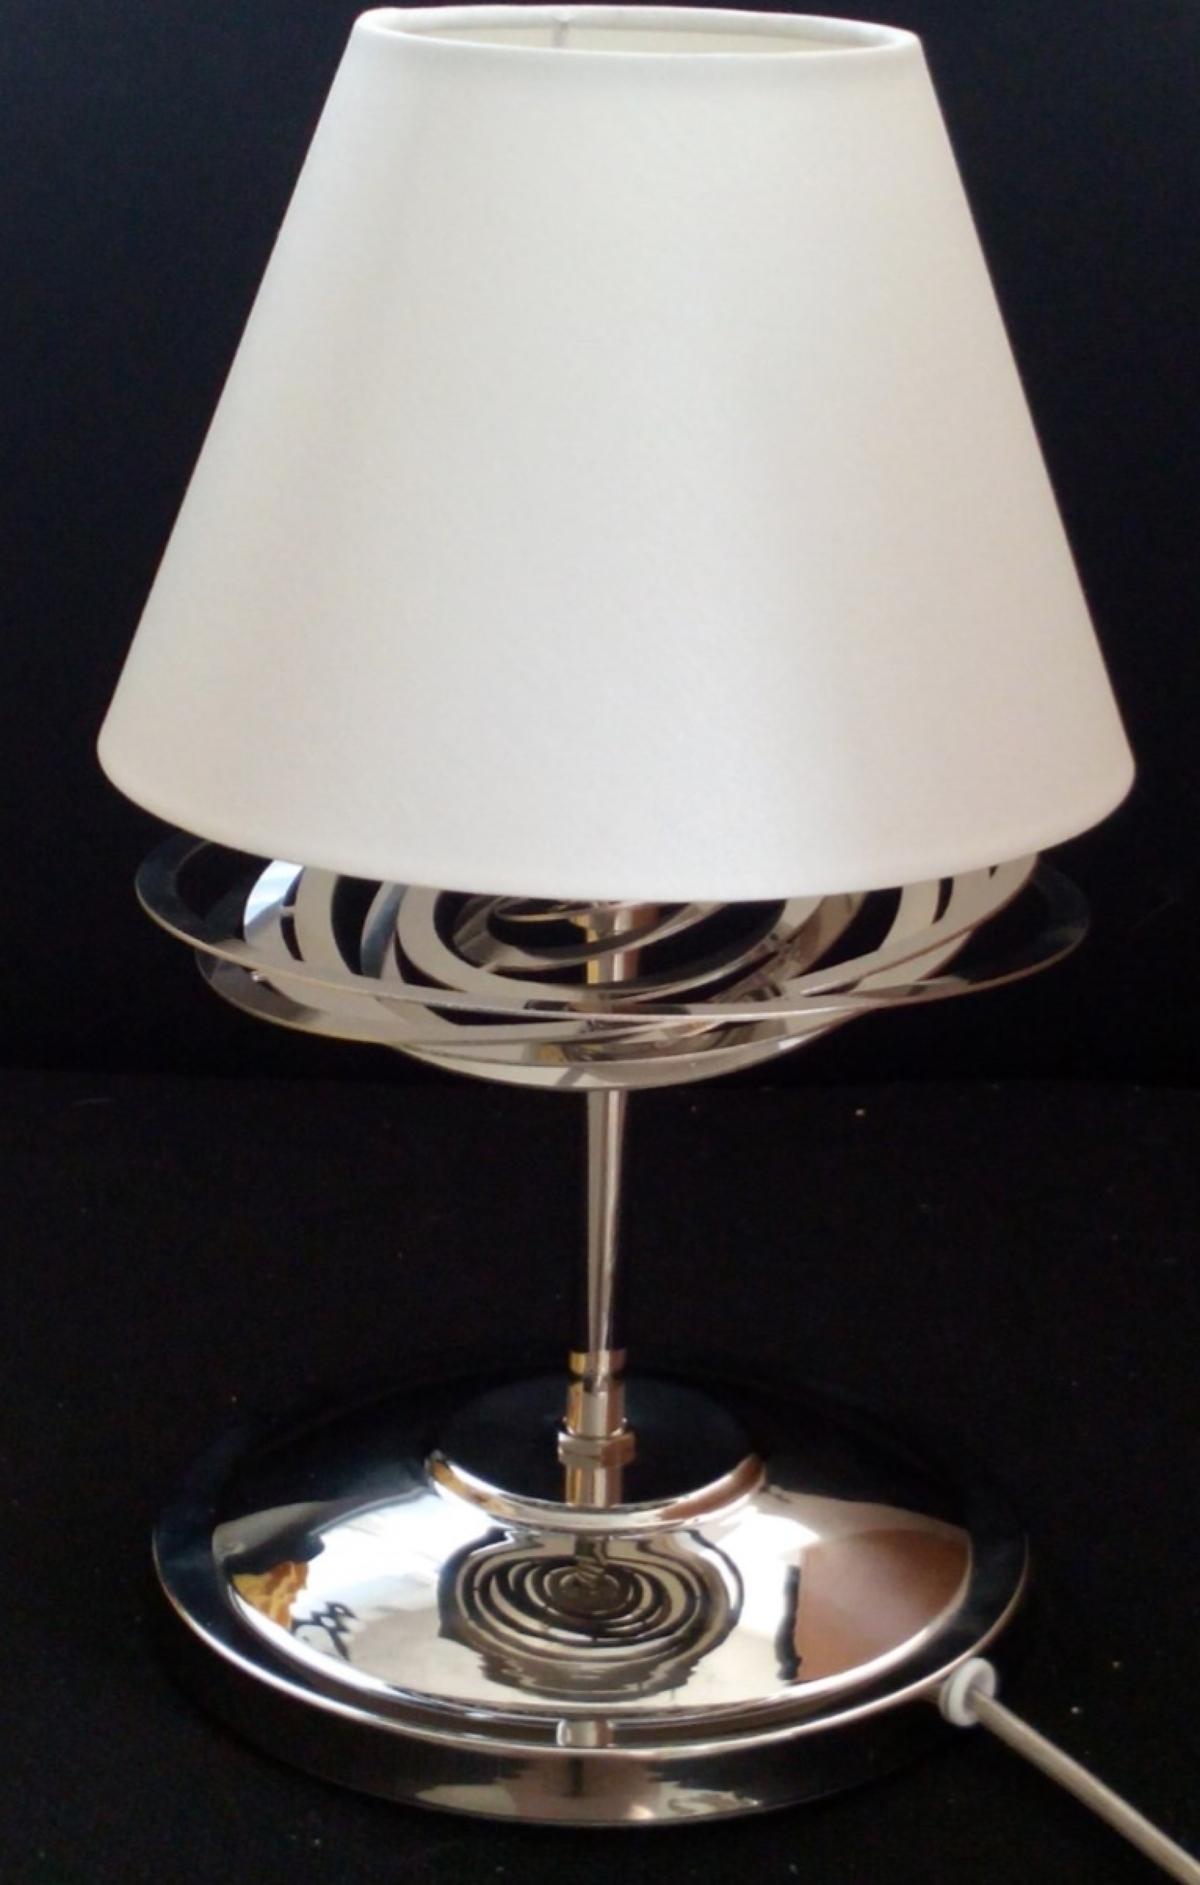 Lampe de table P-35/ TL-ML-0007-001-NI-CH024